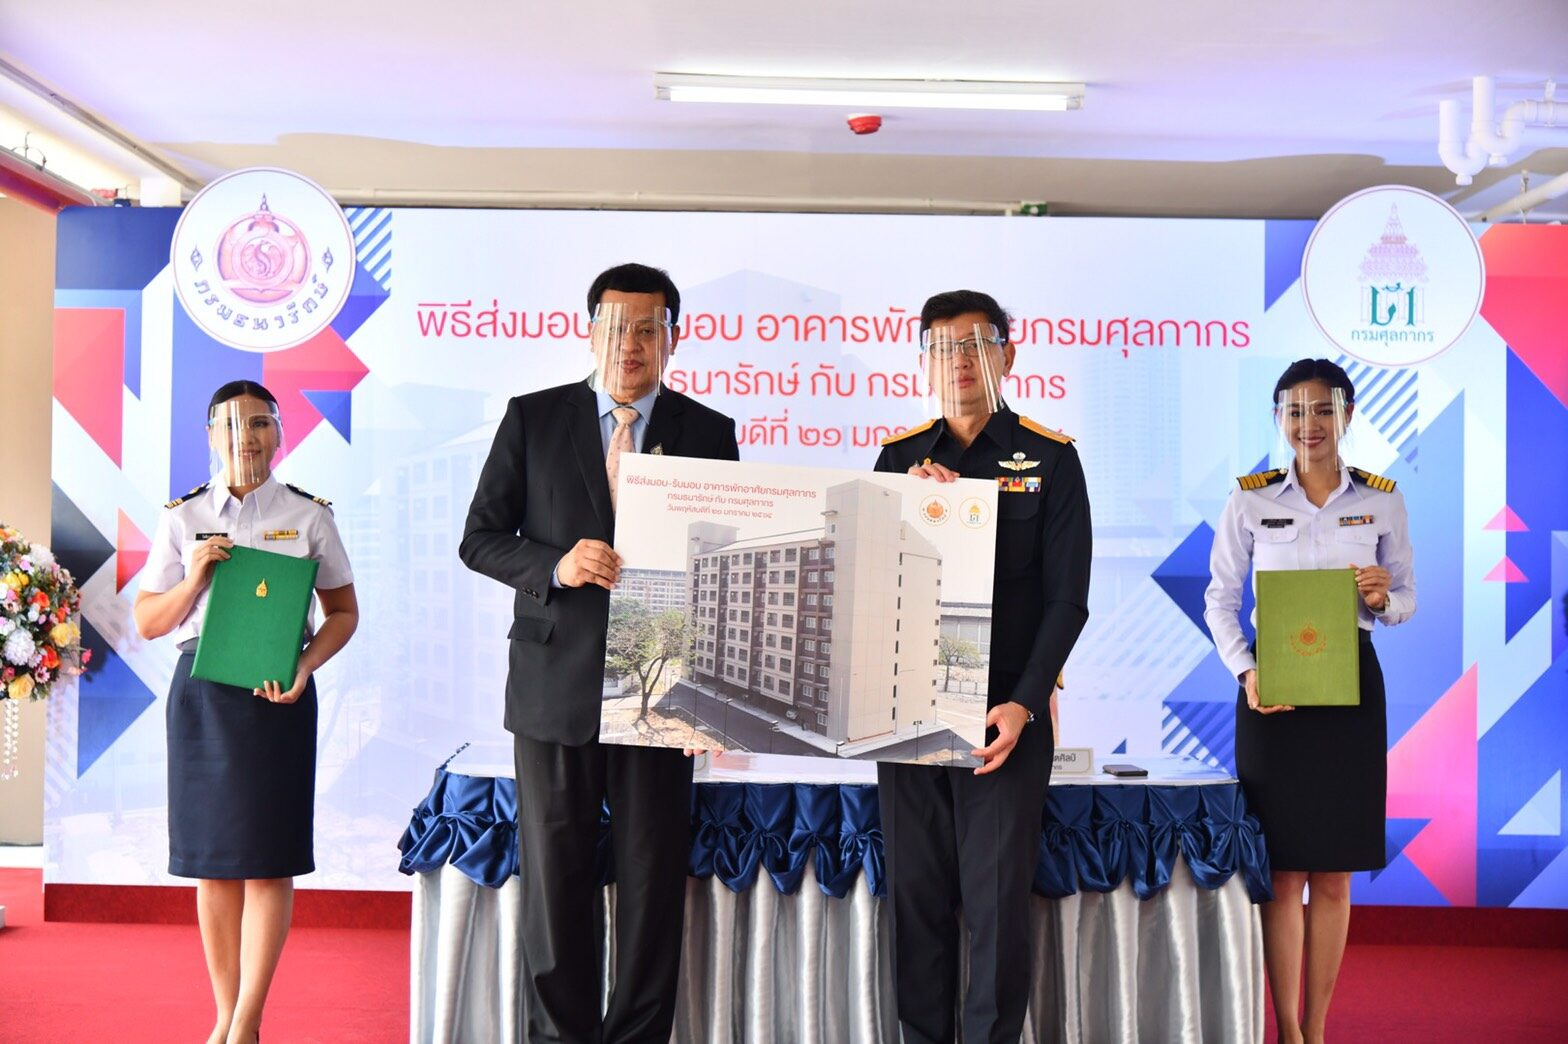 """ธนารักษ์-ศุลกากร ส่งมอบอาคารที่ราชพัสดุ""""โรงภาษีร้อยชักสาม""""มูลค่ากว่า60 ล้าน"""